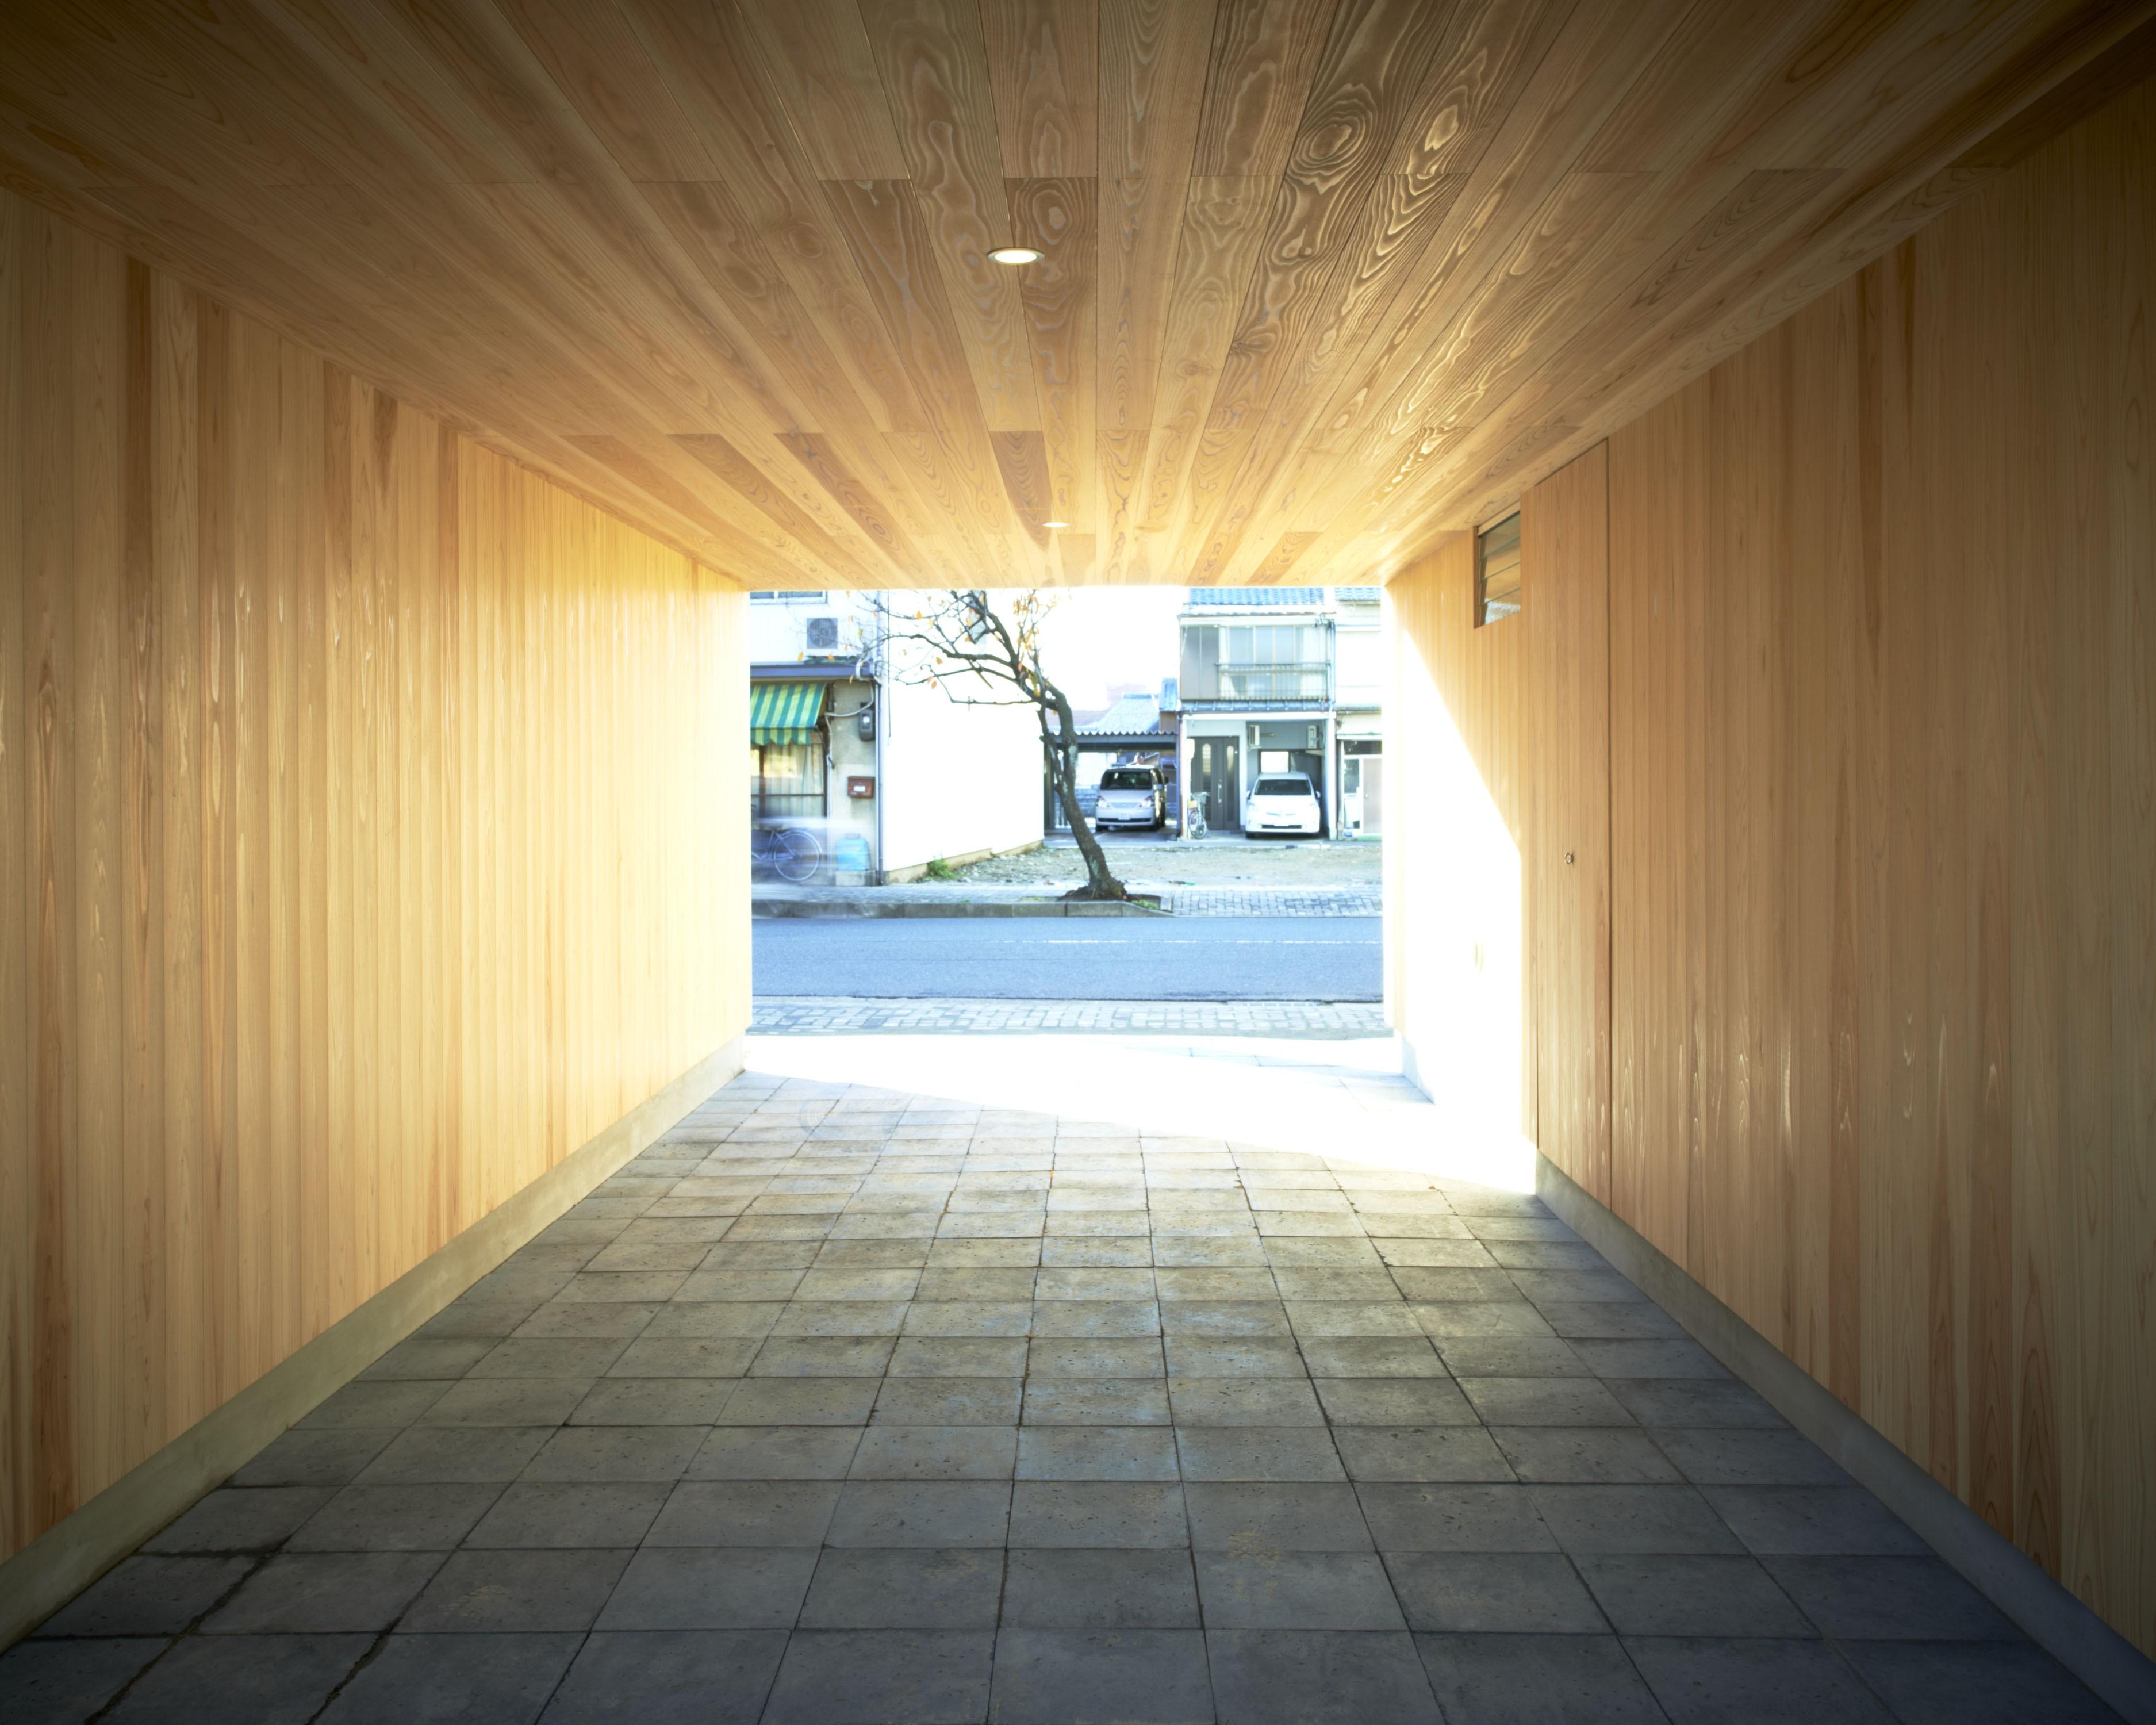 その他事例:墨入りモルタル平板を敷き込んだ駐車場(木造町の離れ)